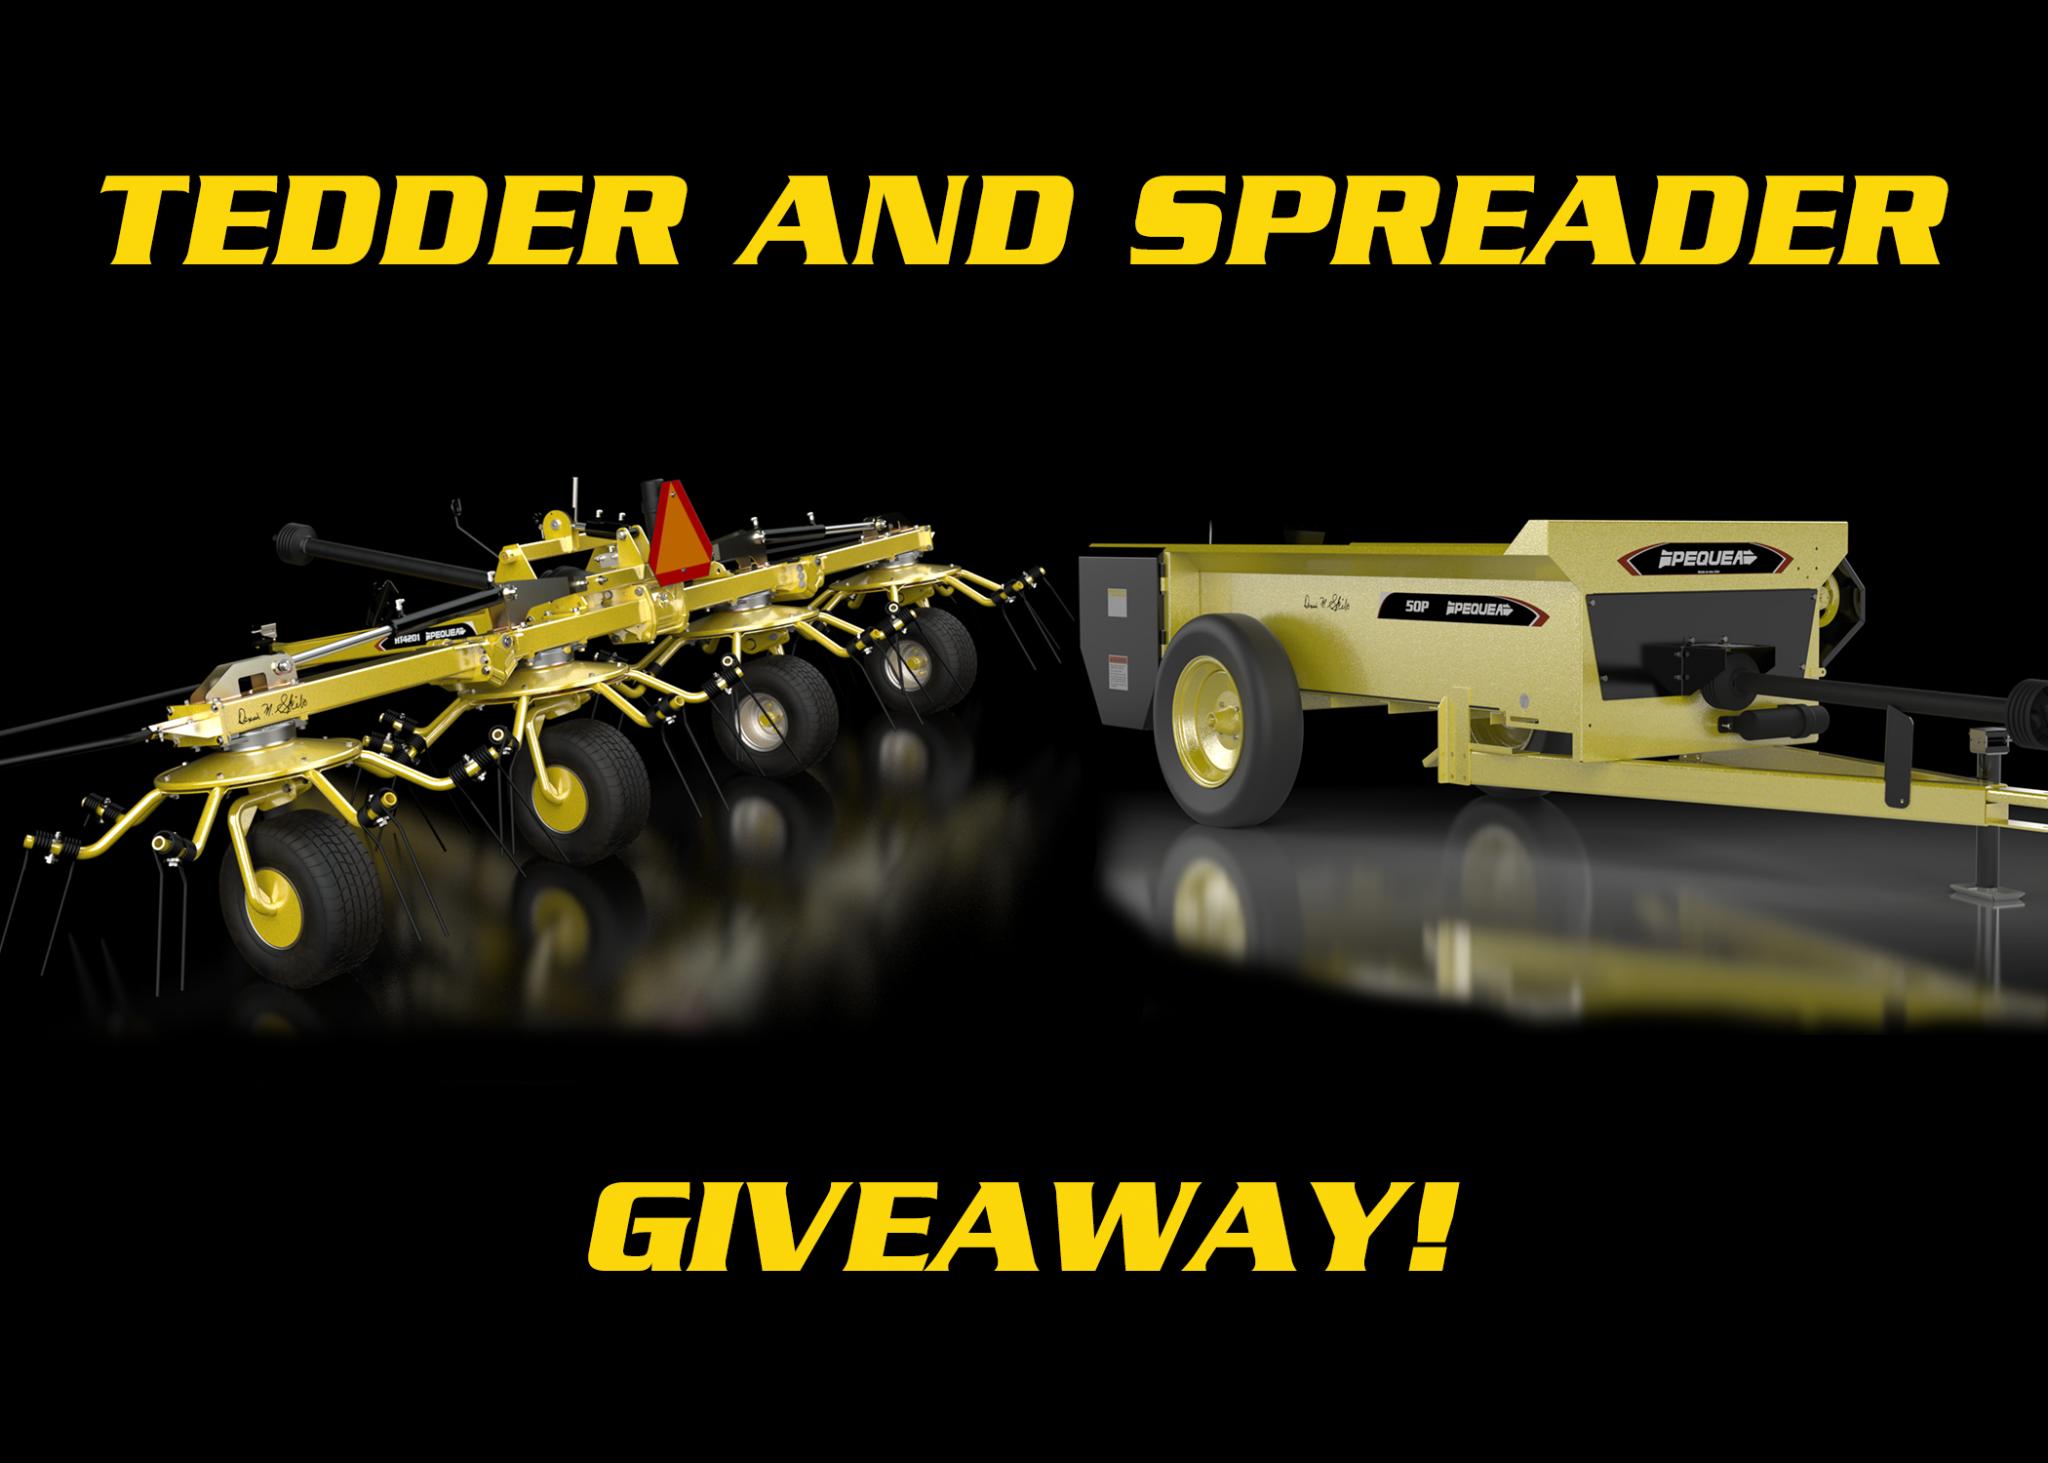 Tedder & Spreader Giveaway